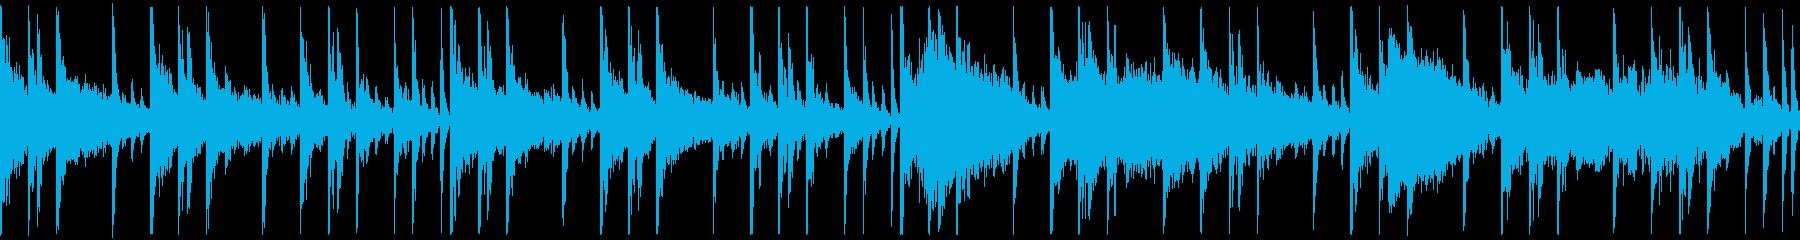 【ループ再生】少し緊張感のあるBGMの再生済みの波形